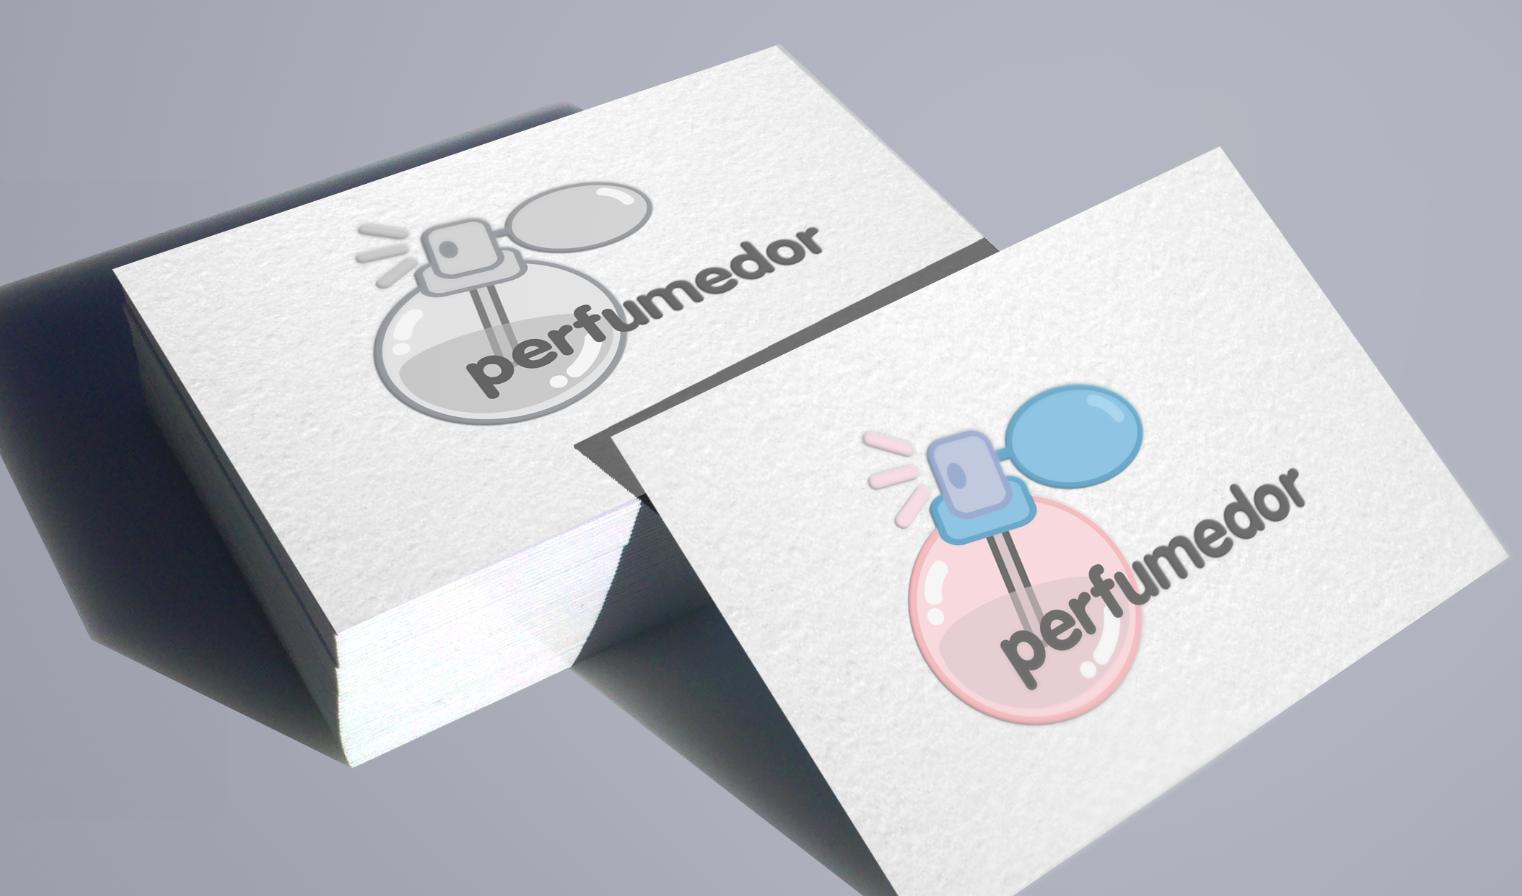 Логотип для интернет-магазина парфюмерии фото f_2045b447a3019114.png